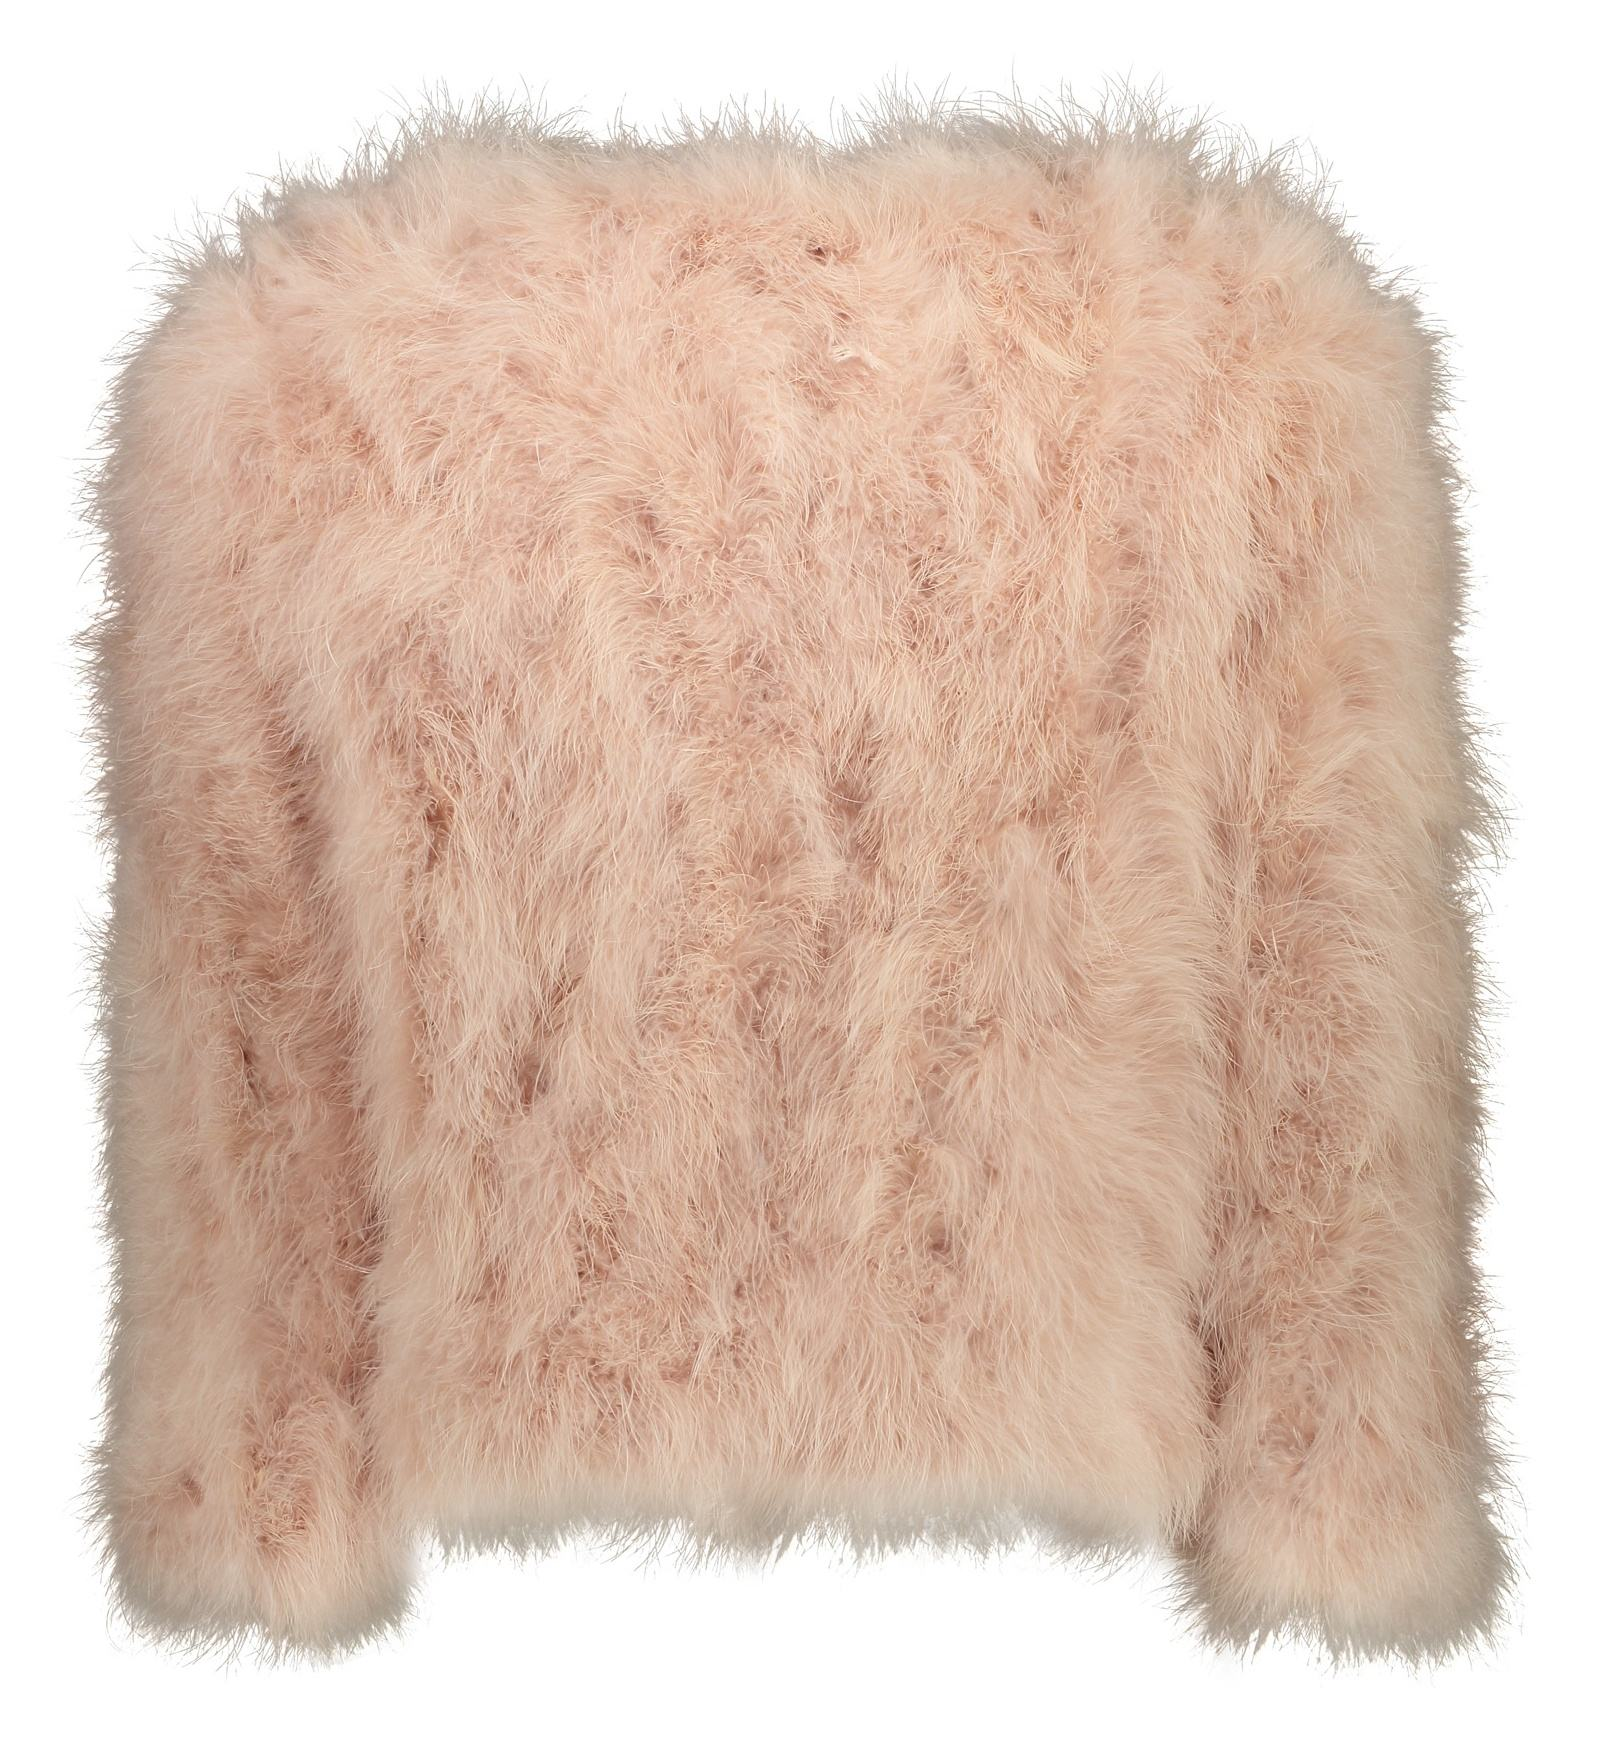 کت پر کوتاه زنانه - مانگو - صورتی - 3